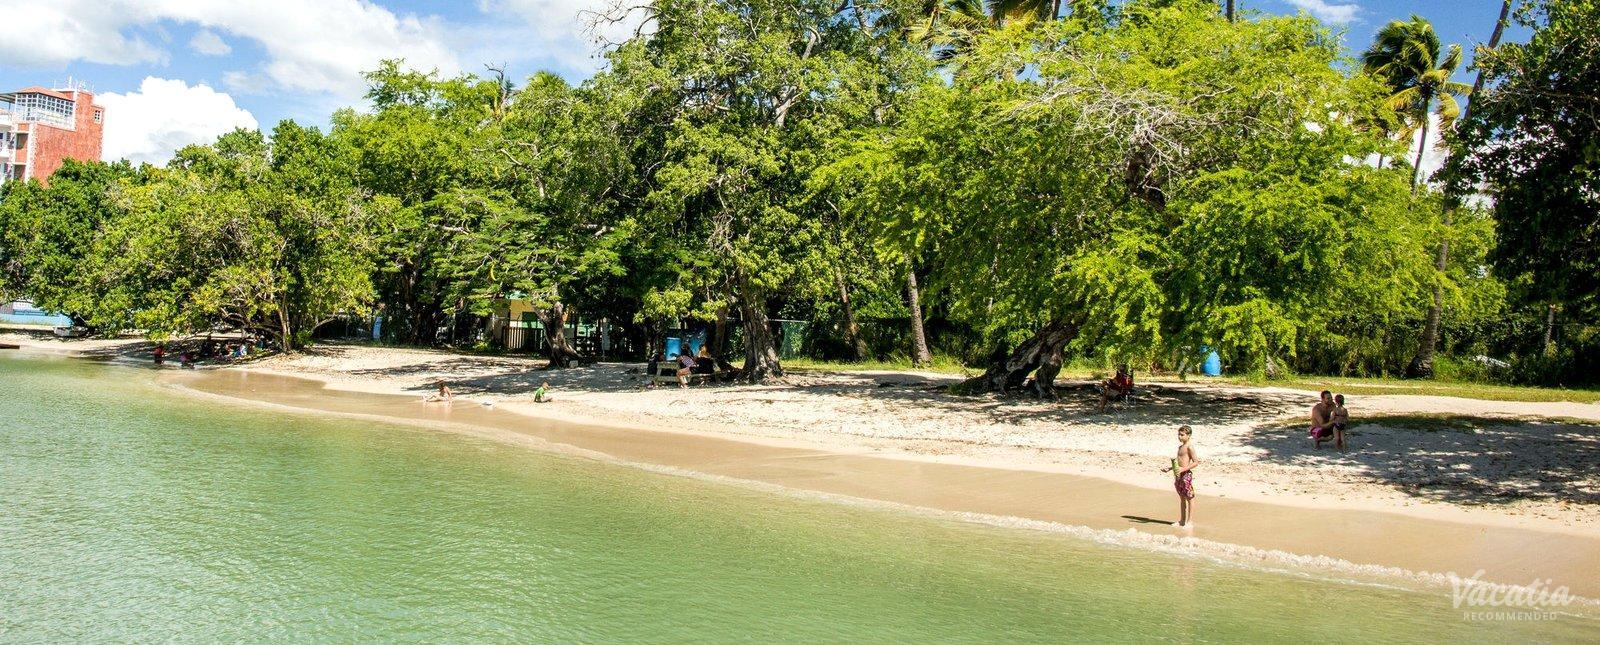 Aquarius Vacation Club - Boqueron Beach Resort | Vacatia